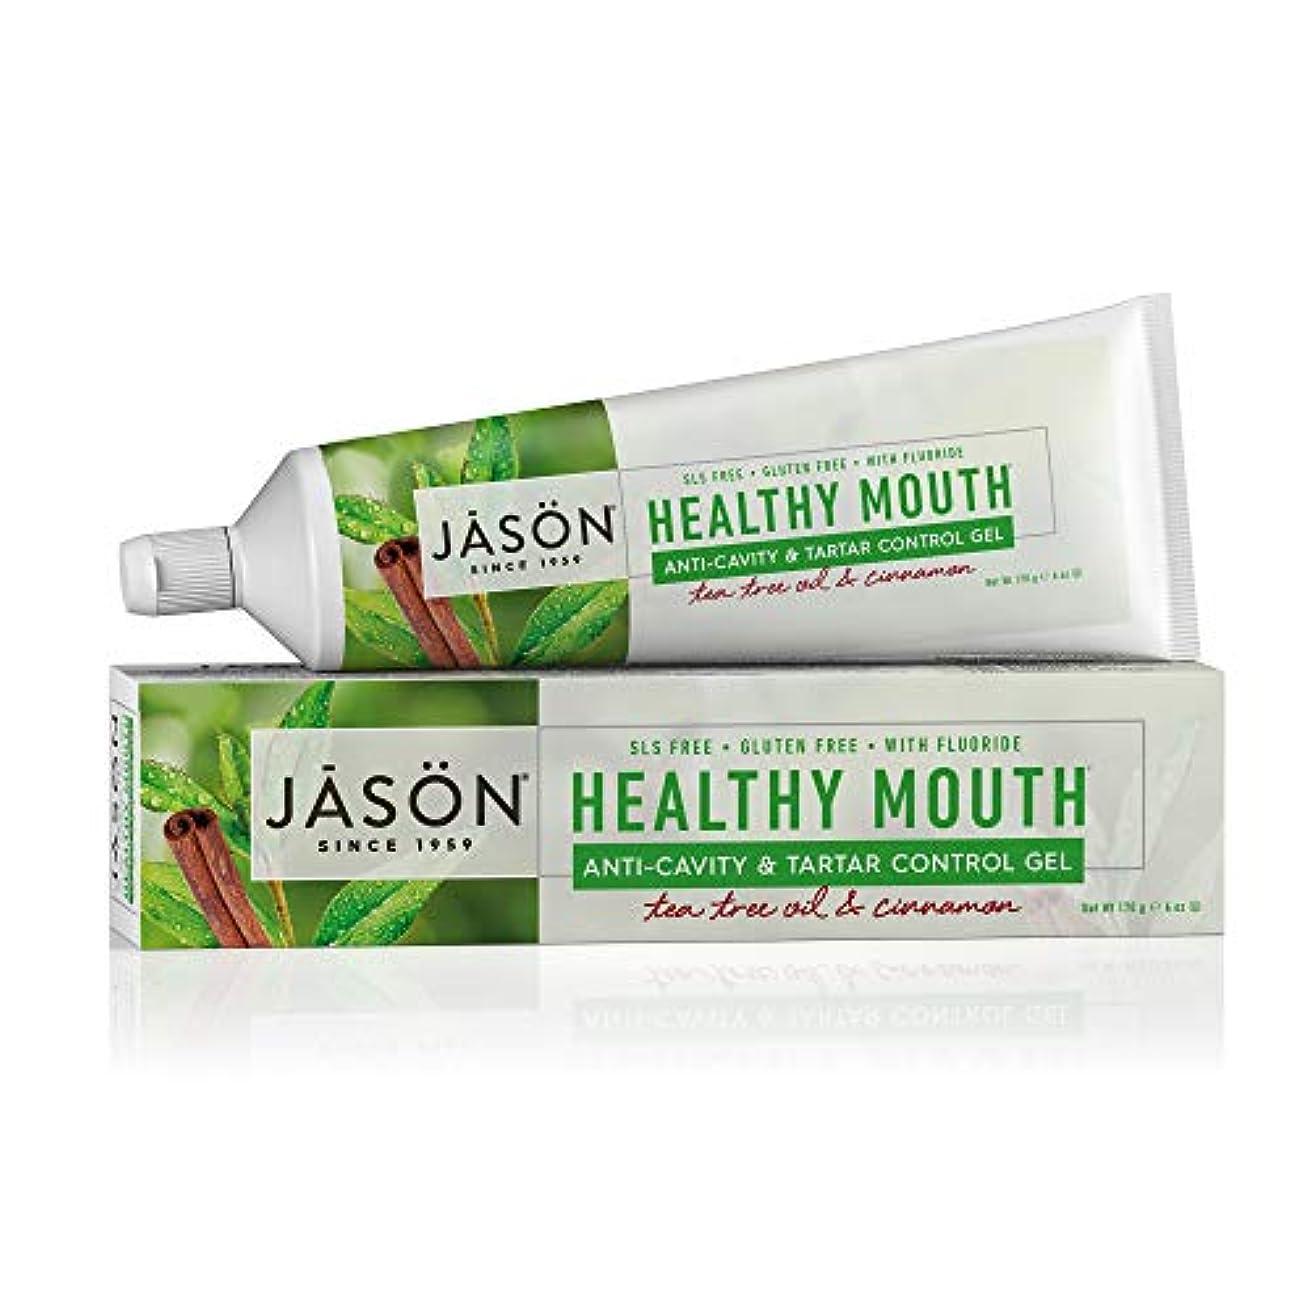 企業リットル定刻Jason 健康な口抗歯垢&タルタルコントロールハミガキティーツリーオイル&シナモン、6オンス